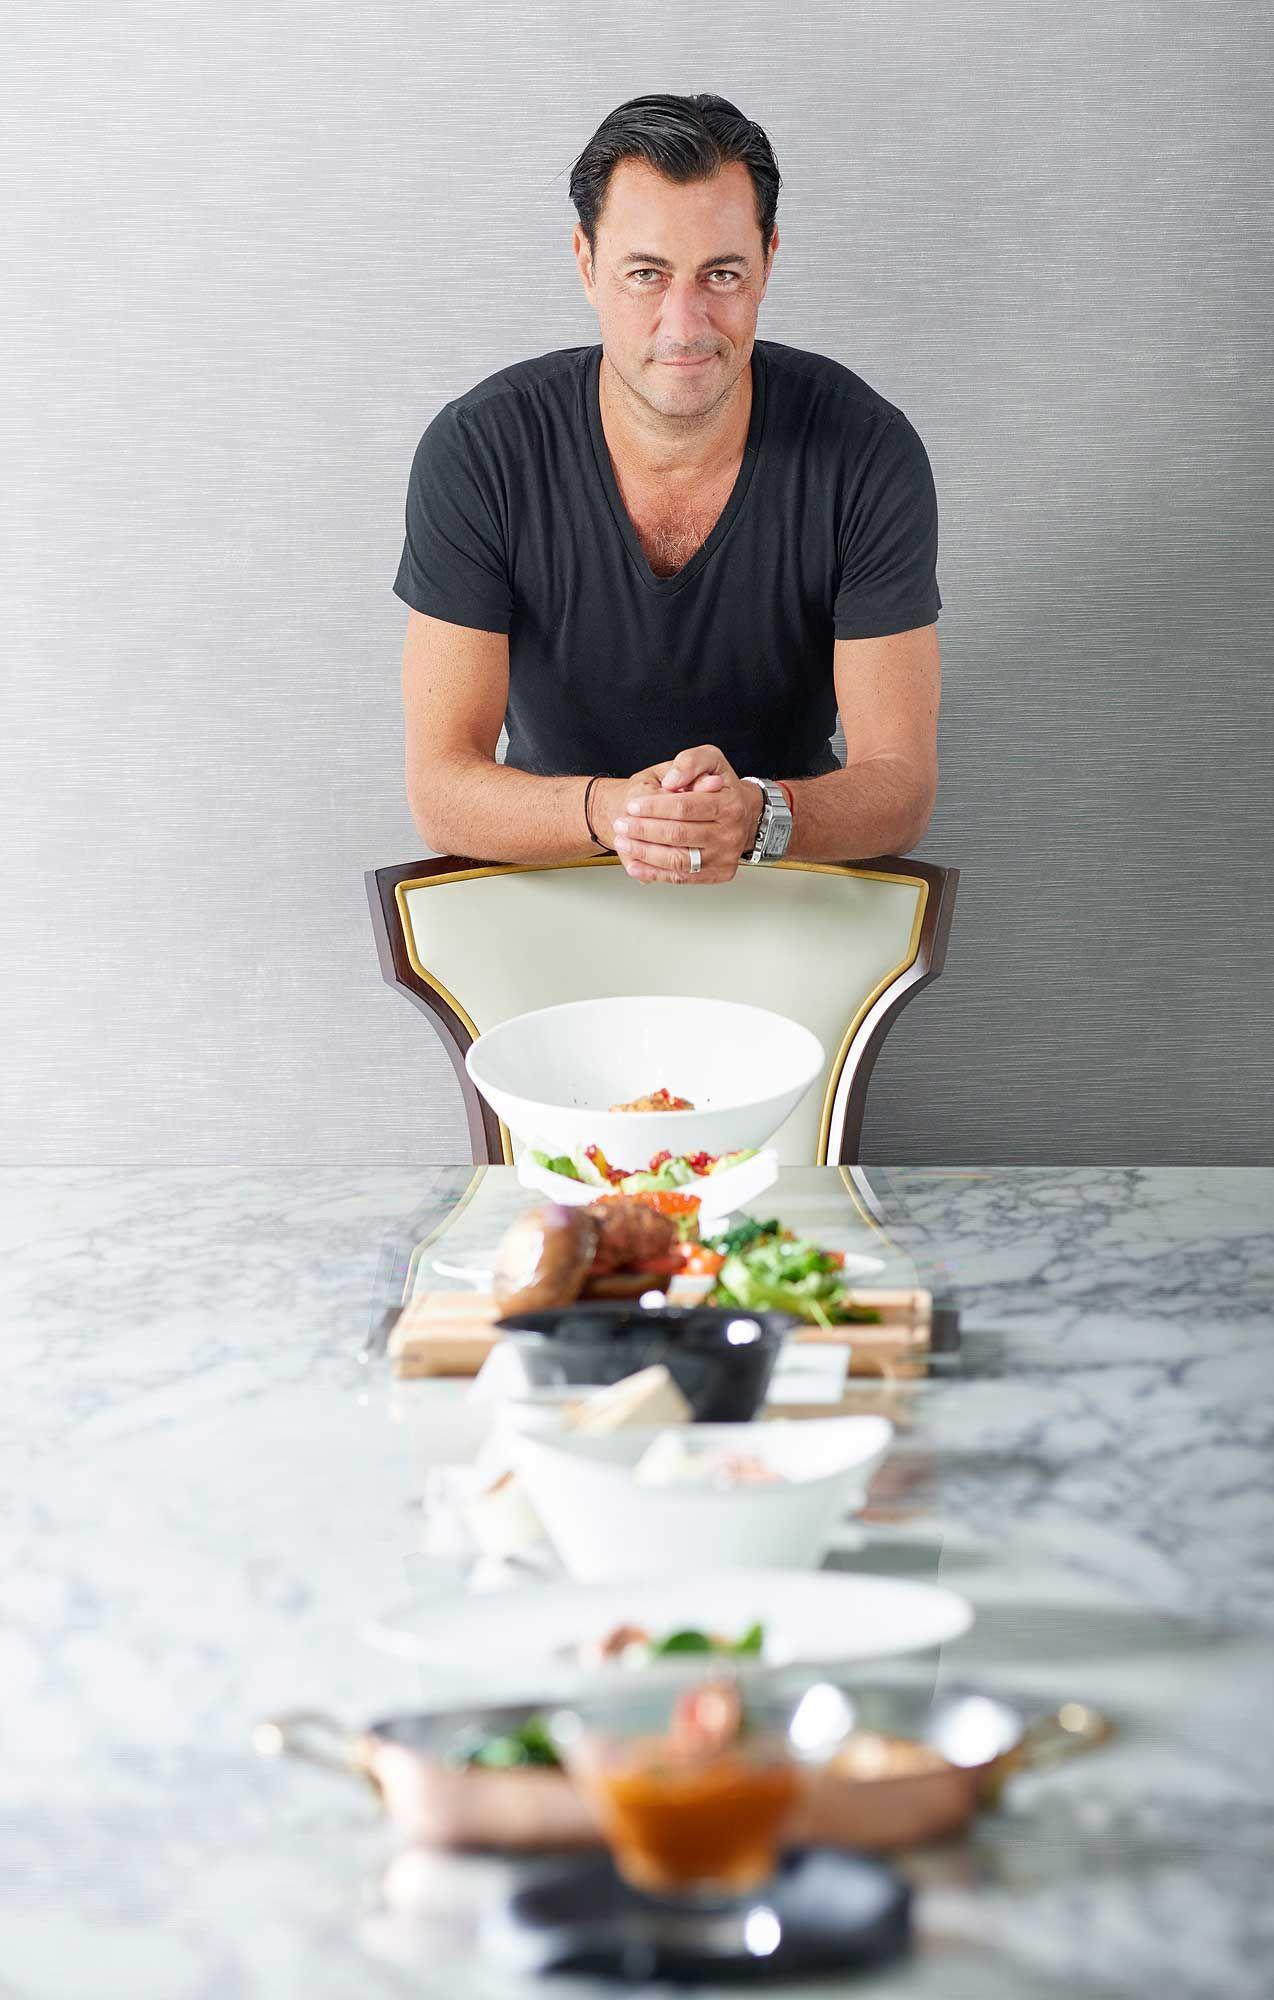 Daniel Green aka The Model Cook. Photo: Courtesy of Daniel Green